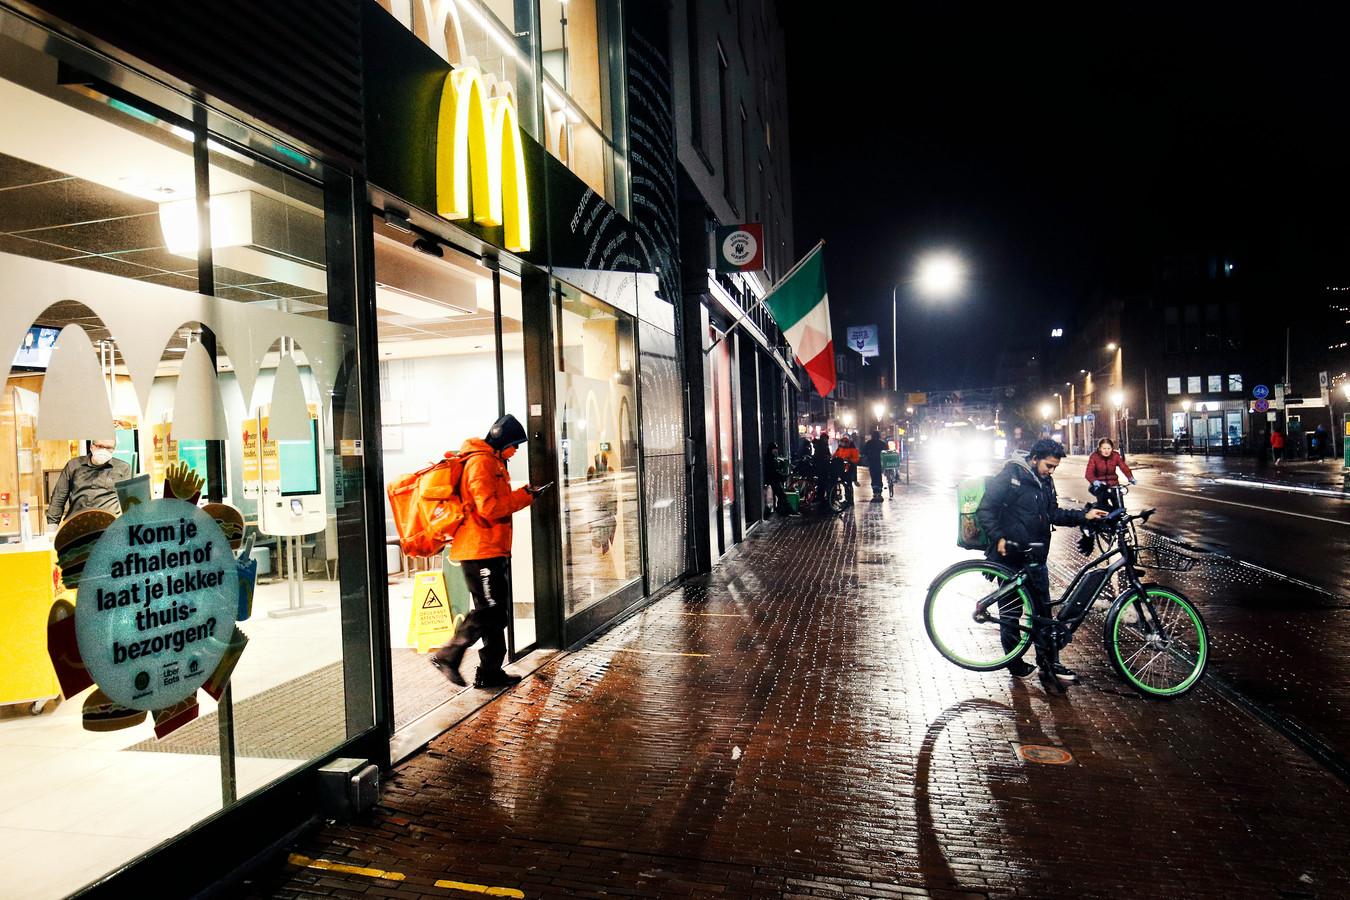 Even na 21.00 uur is het beeld in de Lange Viestraat niet anders dan in de afgelopen weken. De straat is het domein van maaltijdbezorgers.